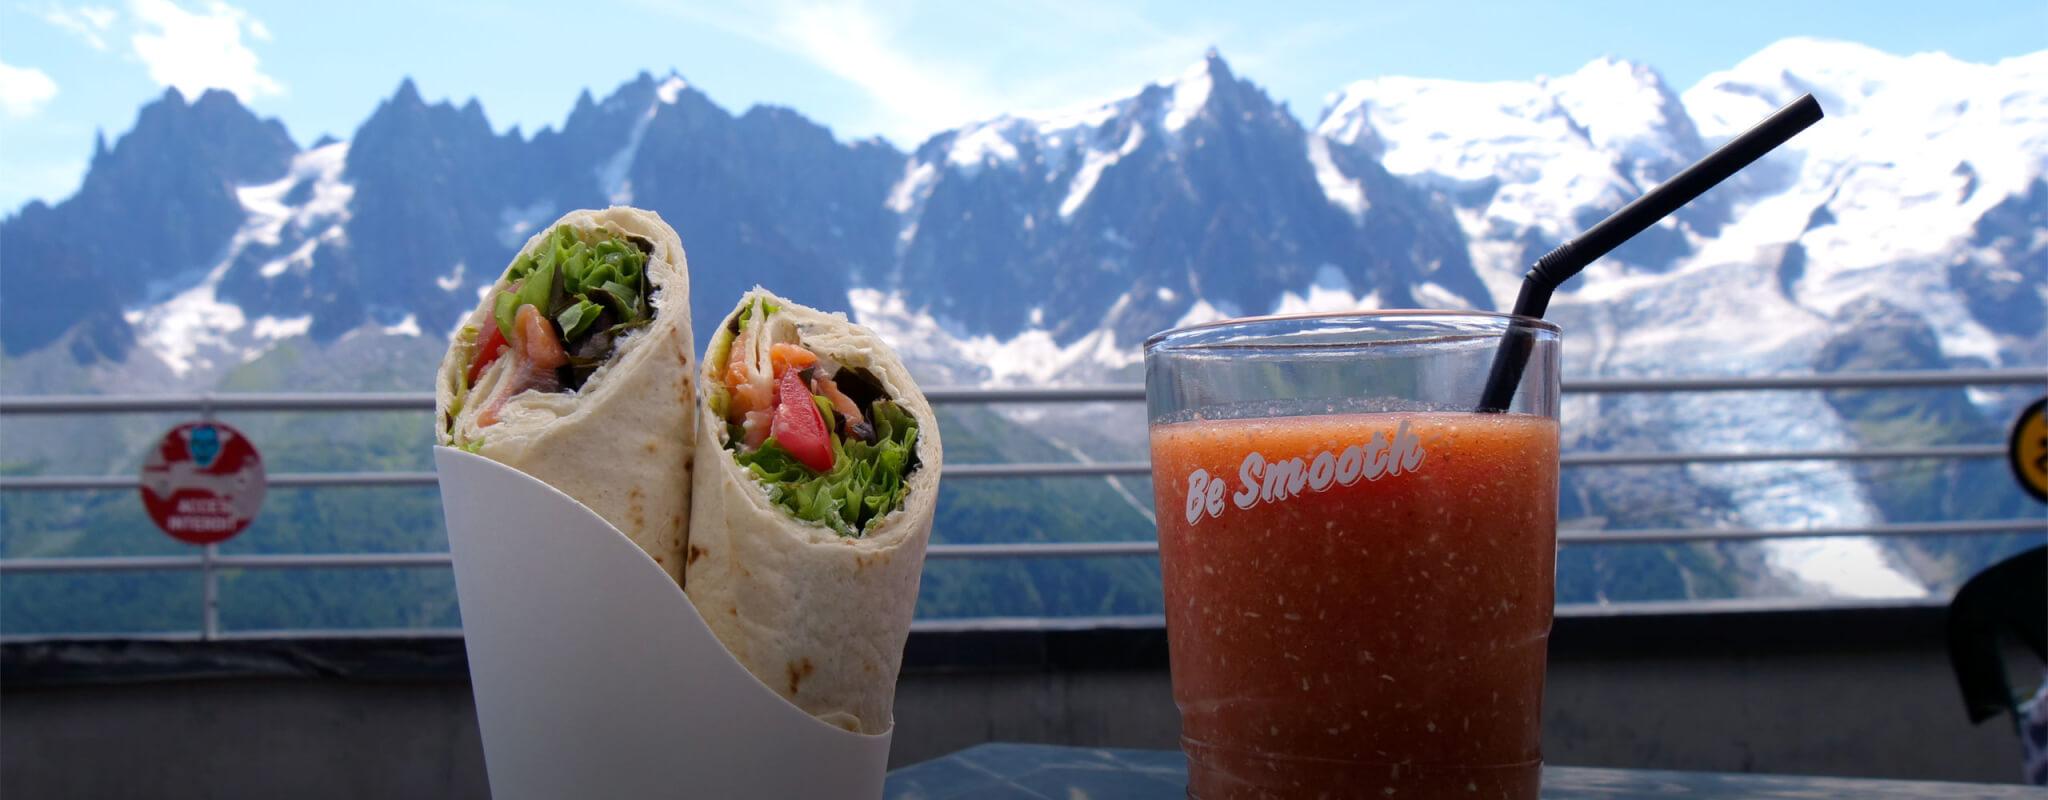 snack en terrasse avec vue sur les montagnes au brev'bar